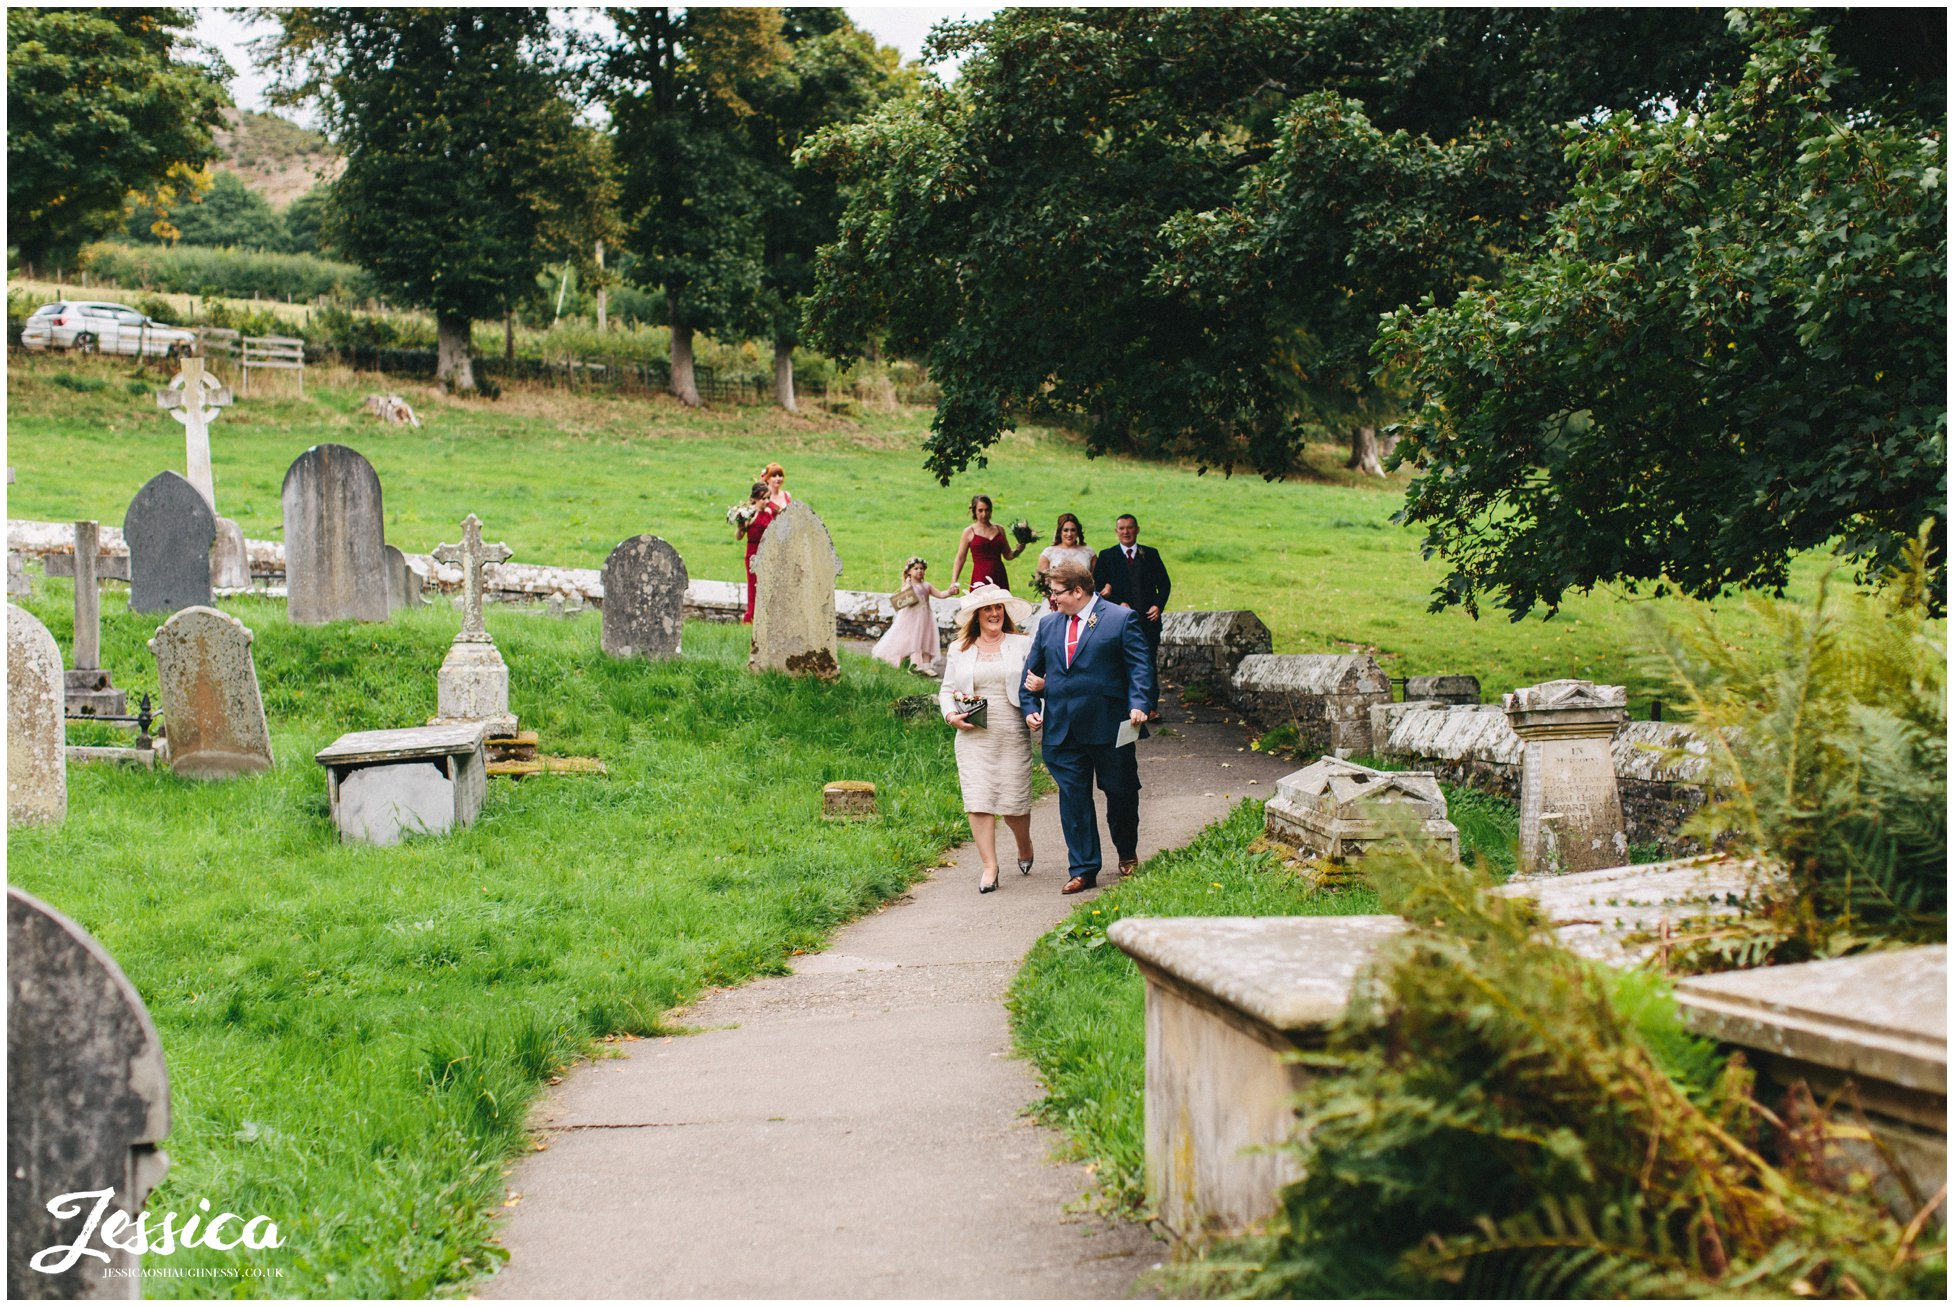 the bridal party walk down the church path